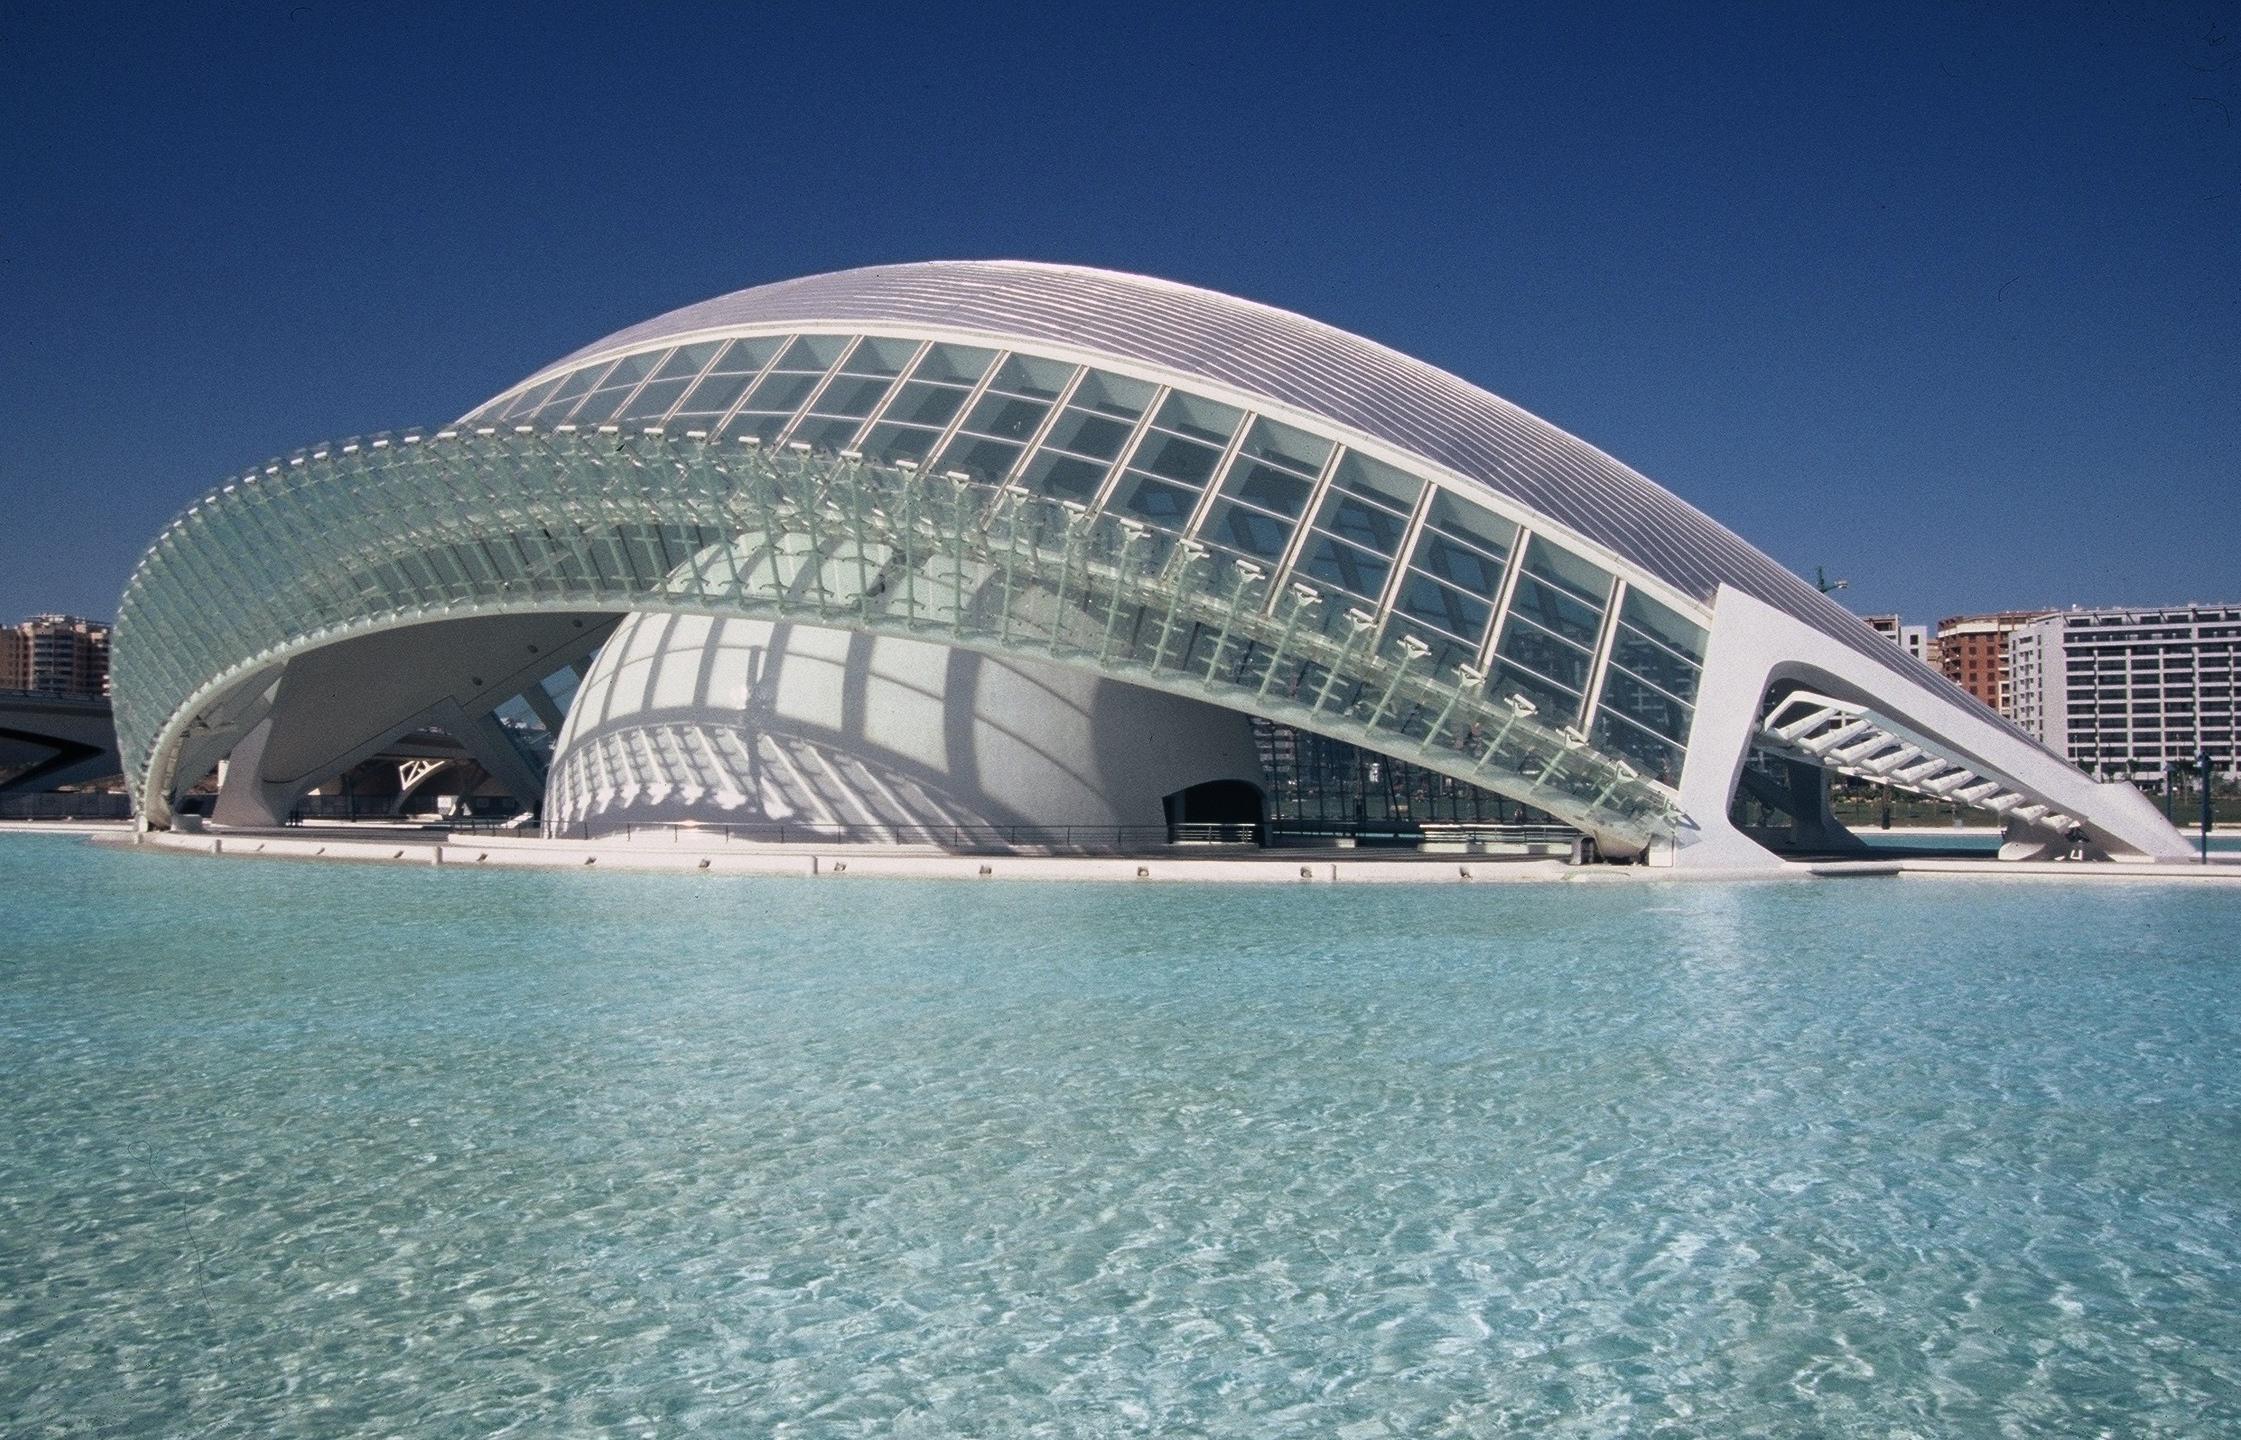 2010-05 Organische Architektur 10033.JPG